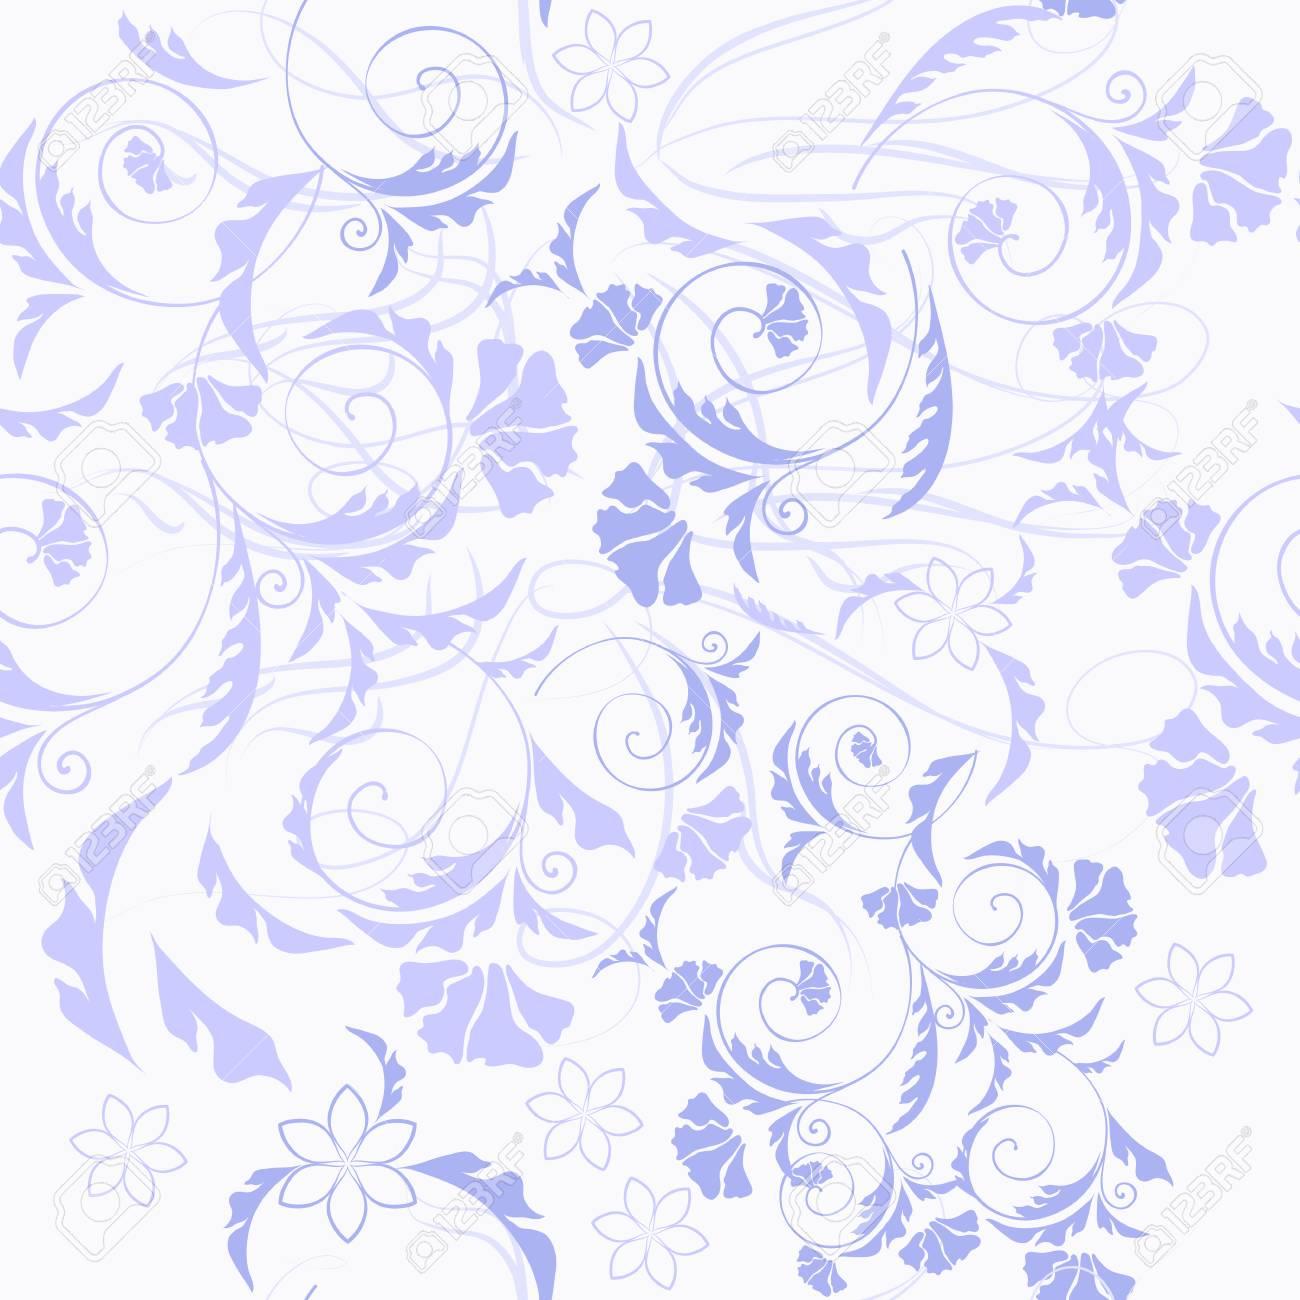 ブルーの飾りと花のシームレスな壁紙パターンのイラスト素材 ベクタ